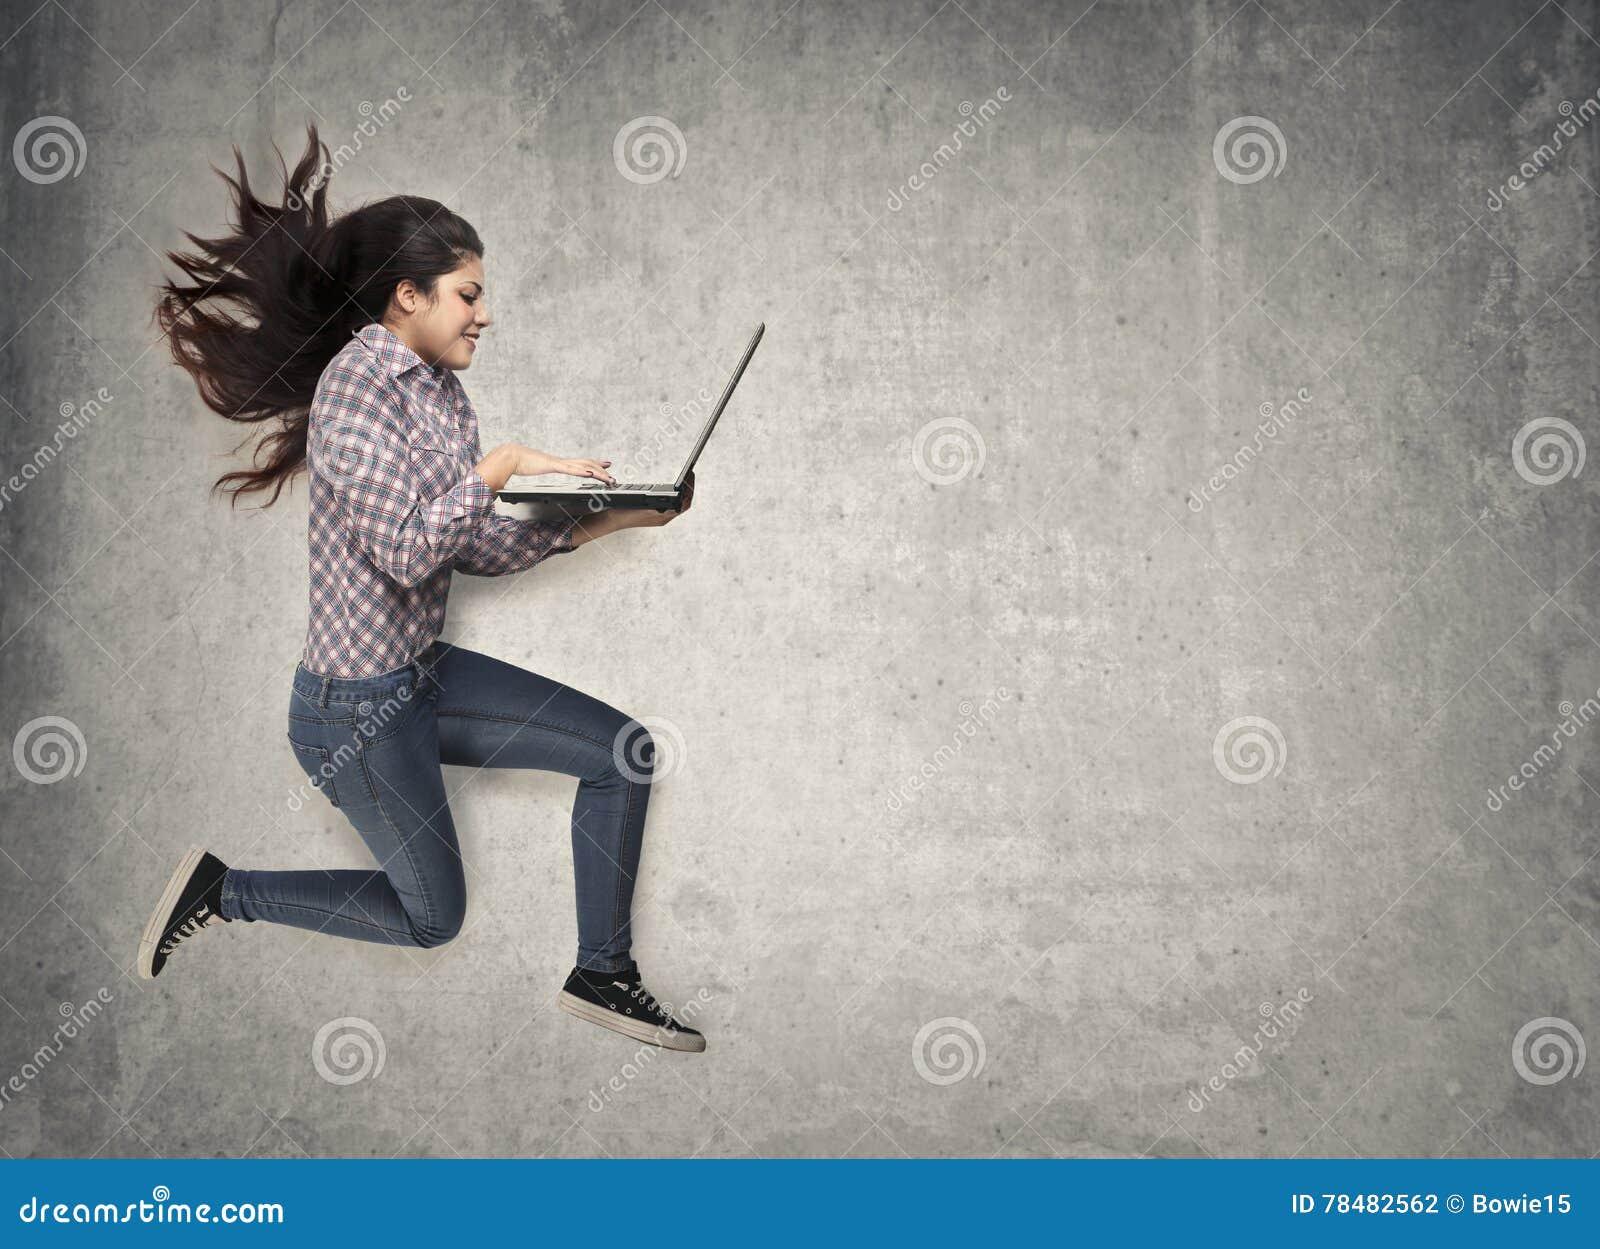 Springen mit Laptop